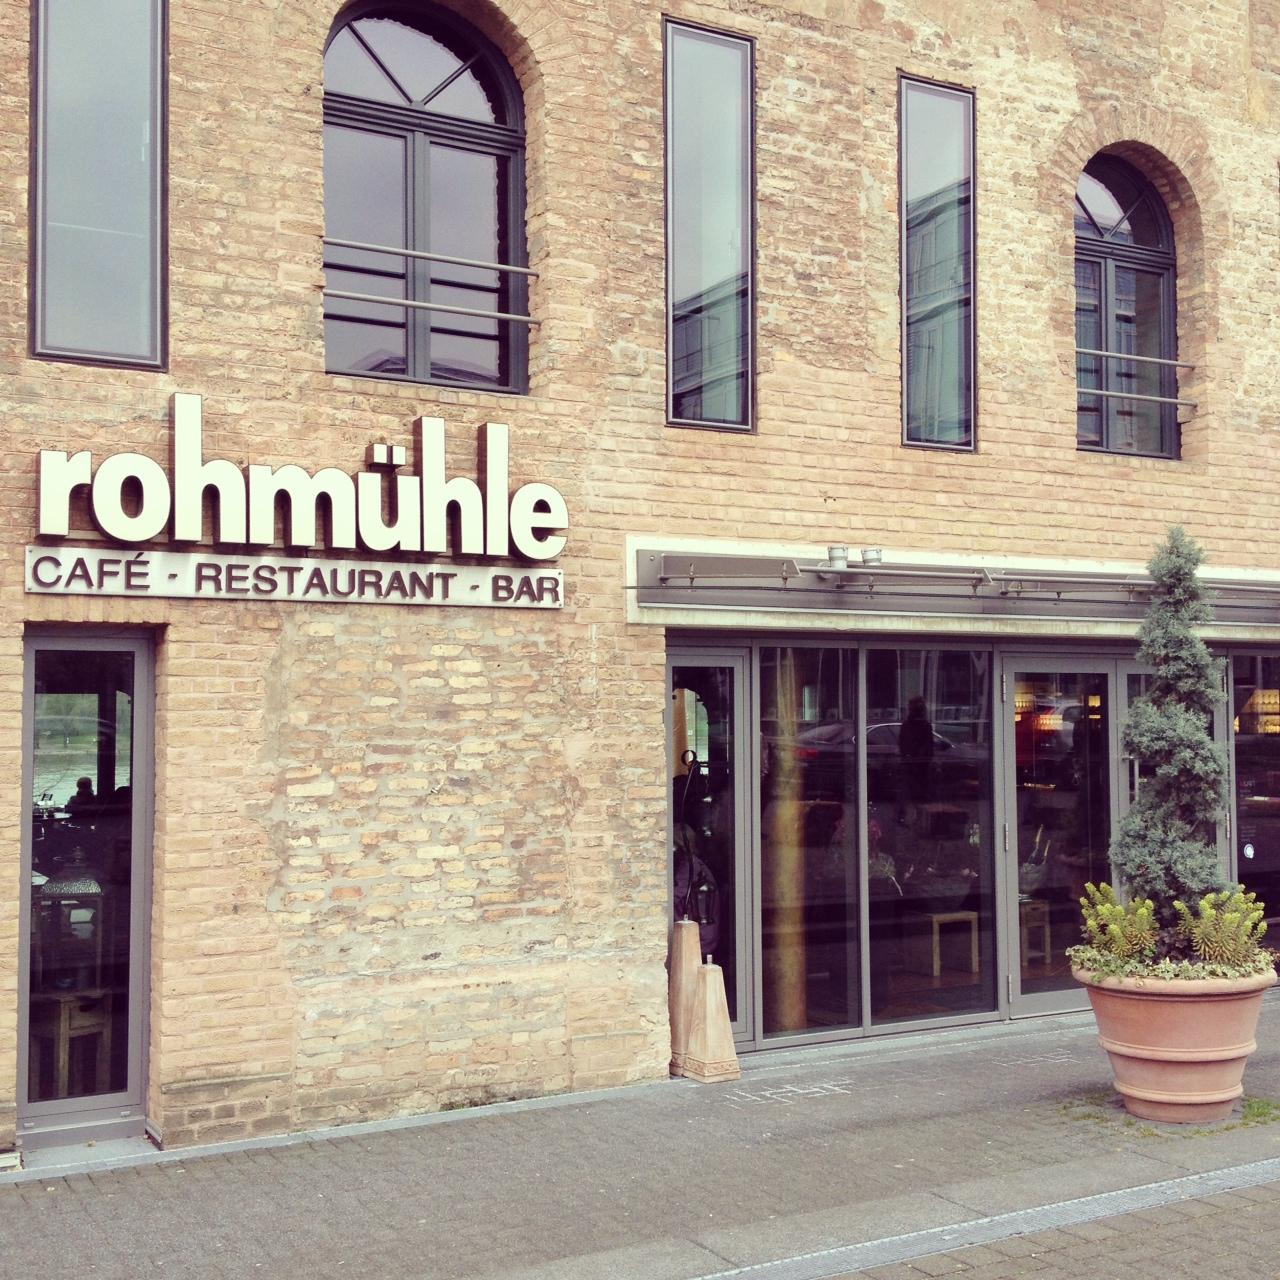 Rheinterrasse, kunstvoll arrangierte Gerichte und leckere Kuchen // Die Rohmühle am Bonner Bogen